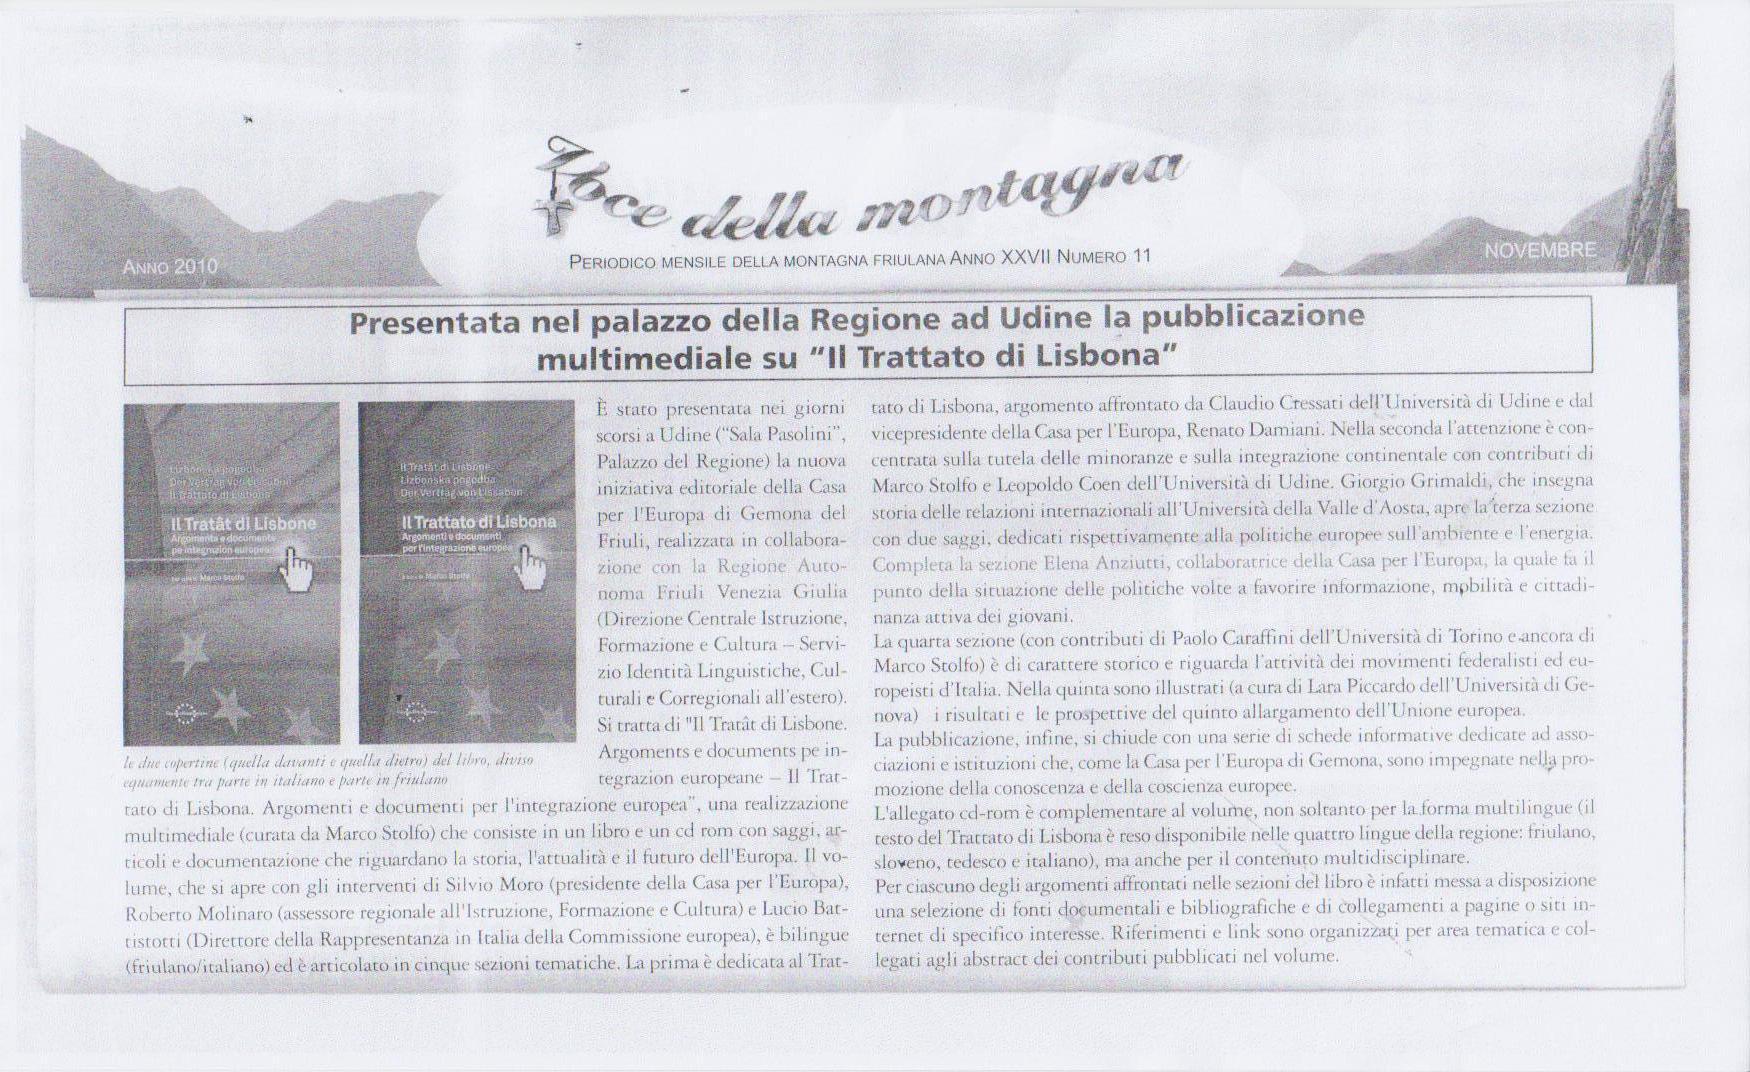 Presentata nel palazzo della regione ad Udine - novembre 2010